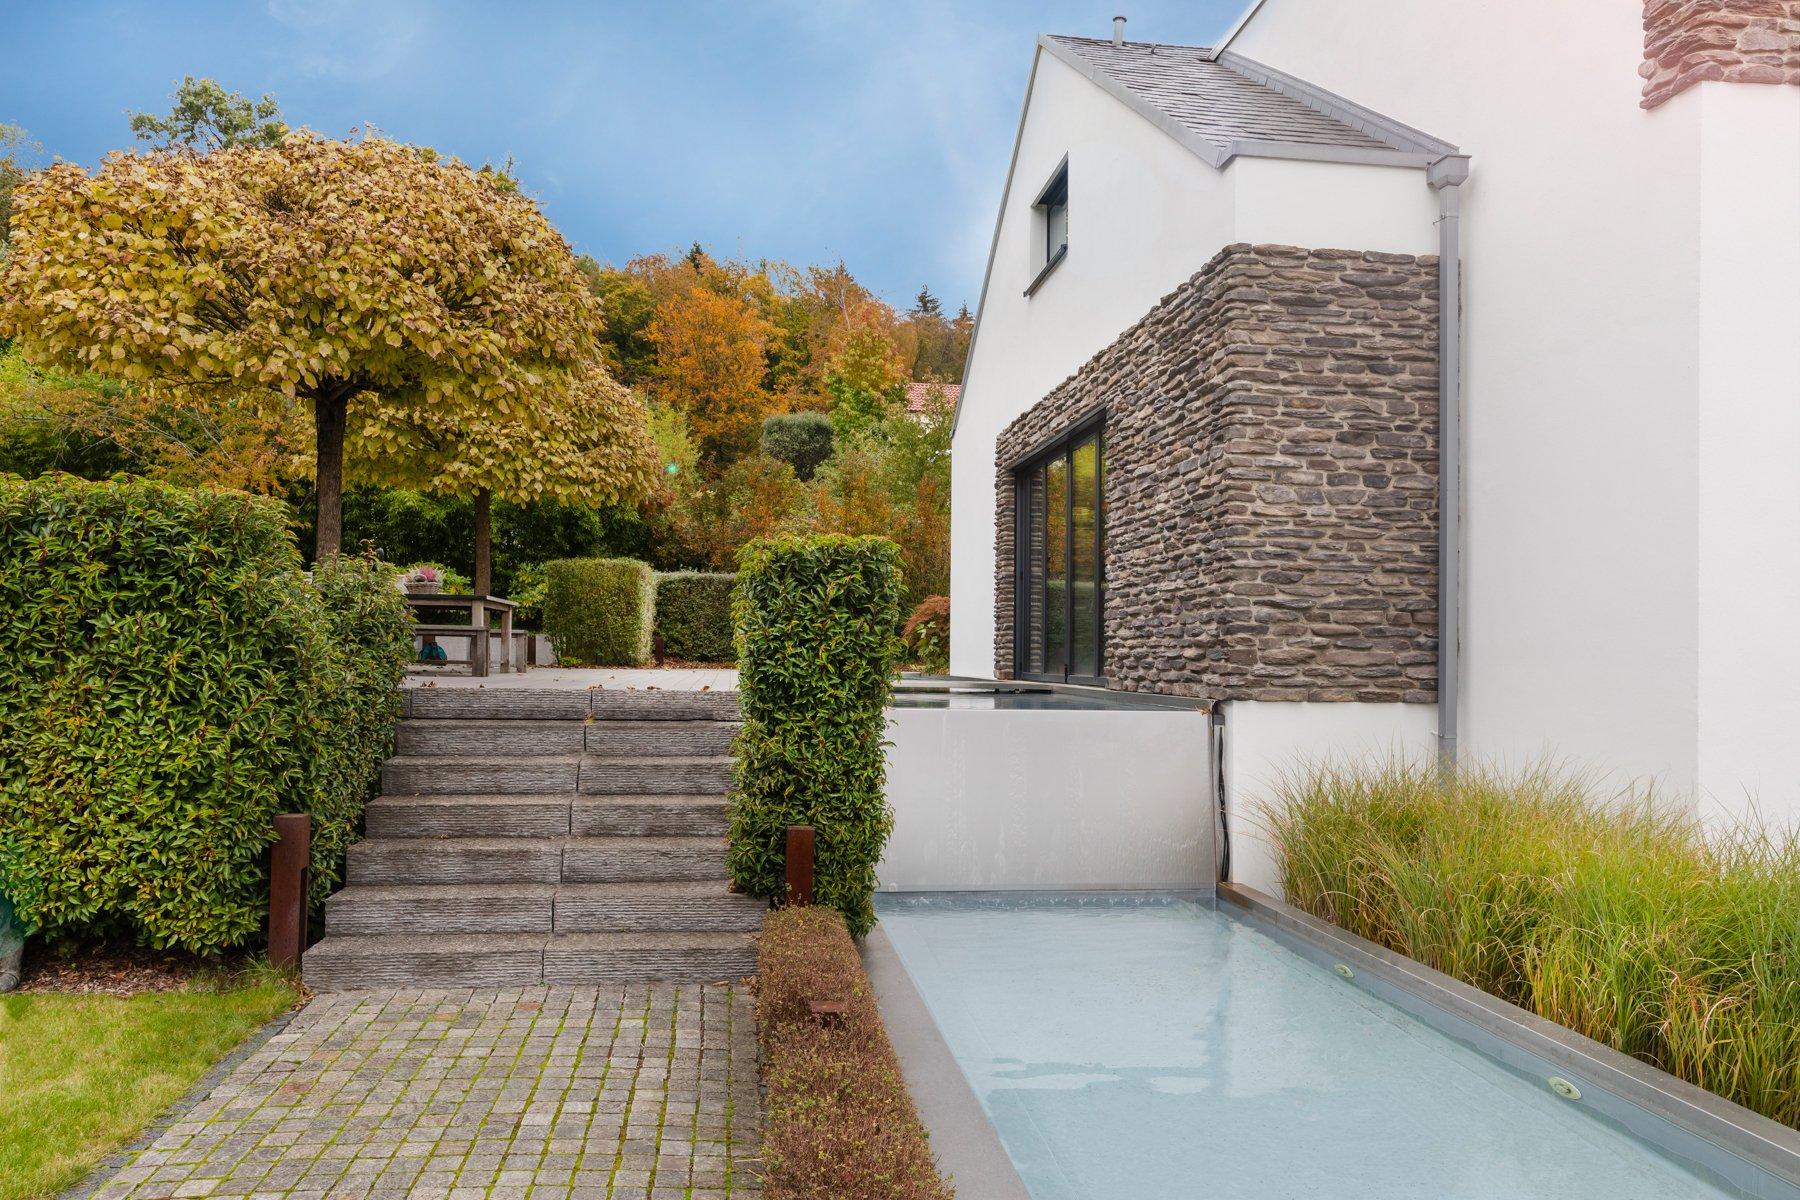 House in Königstein im Taunus, Hessen, Germany 1